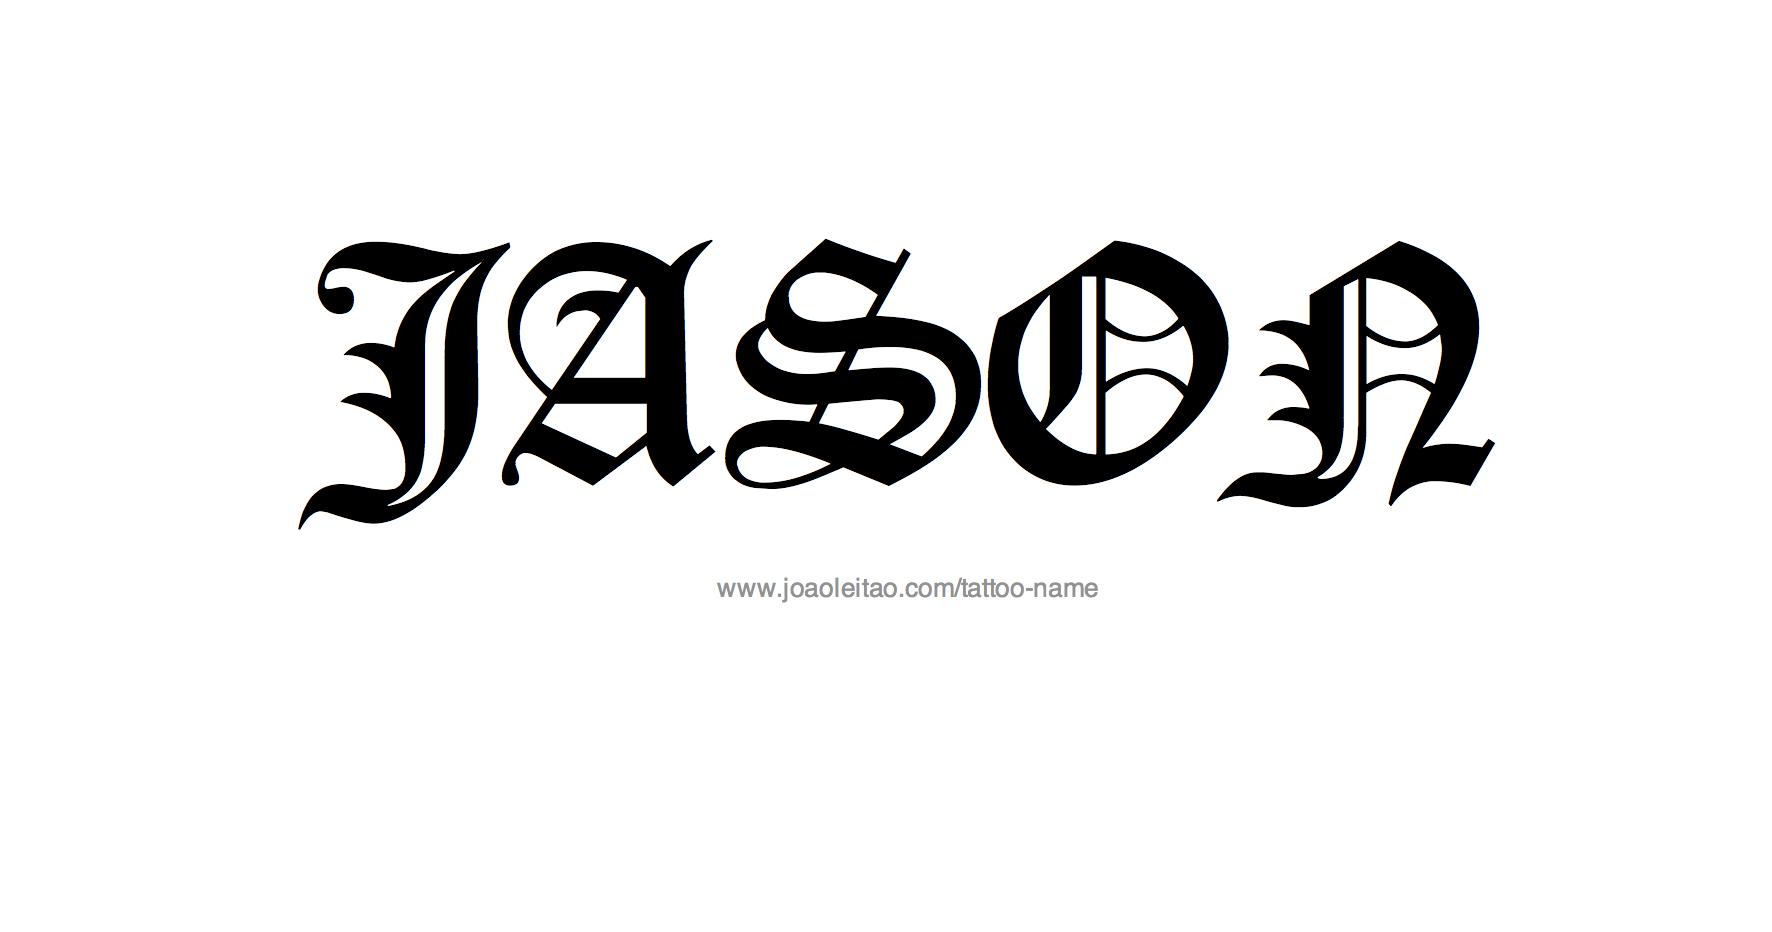 Jason Name Tattoo Designs Name Tattoo Name Tattoo Designs Name Tattoos